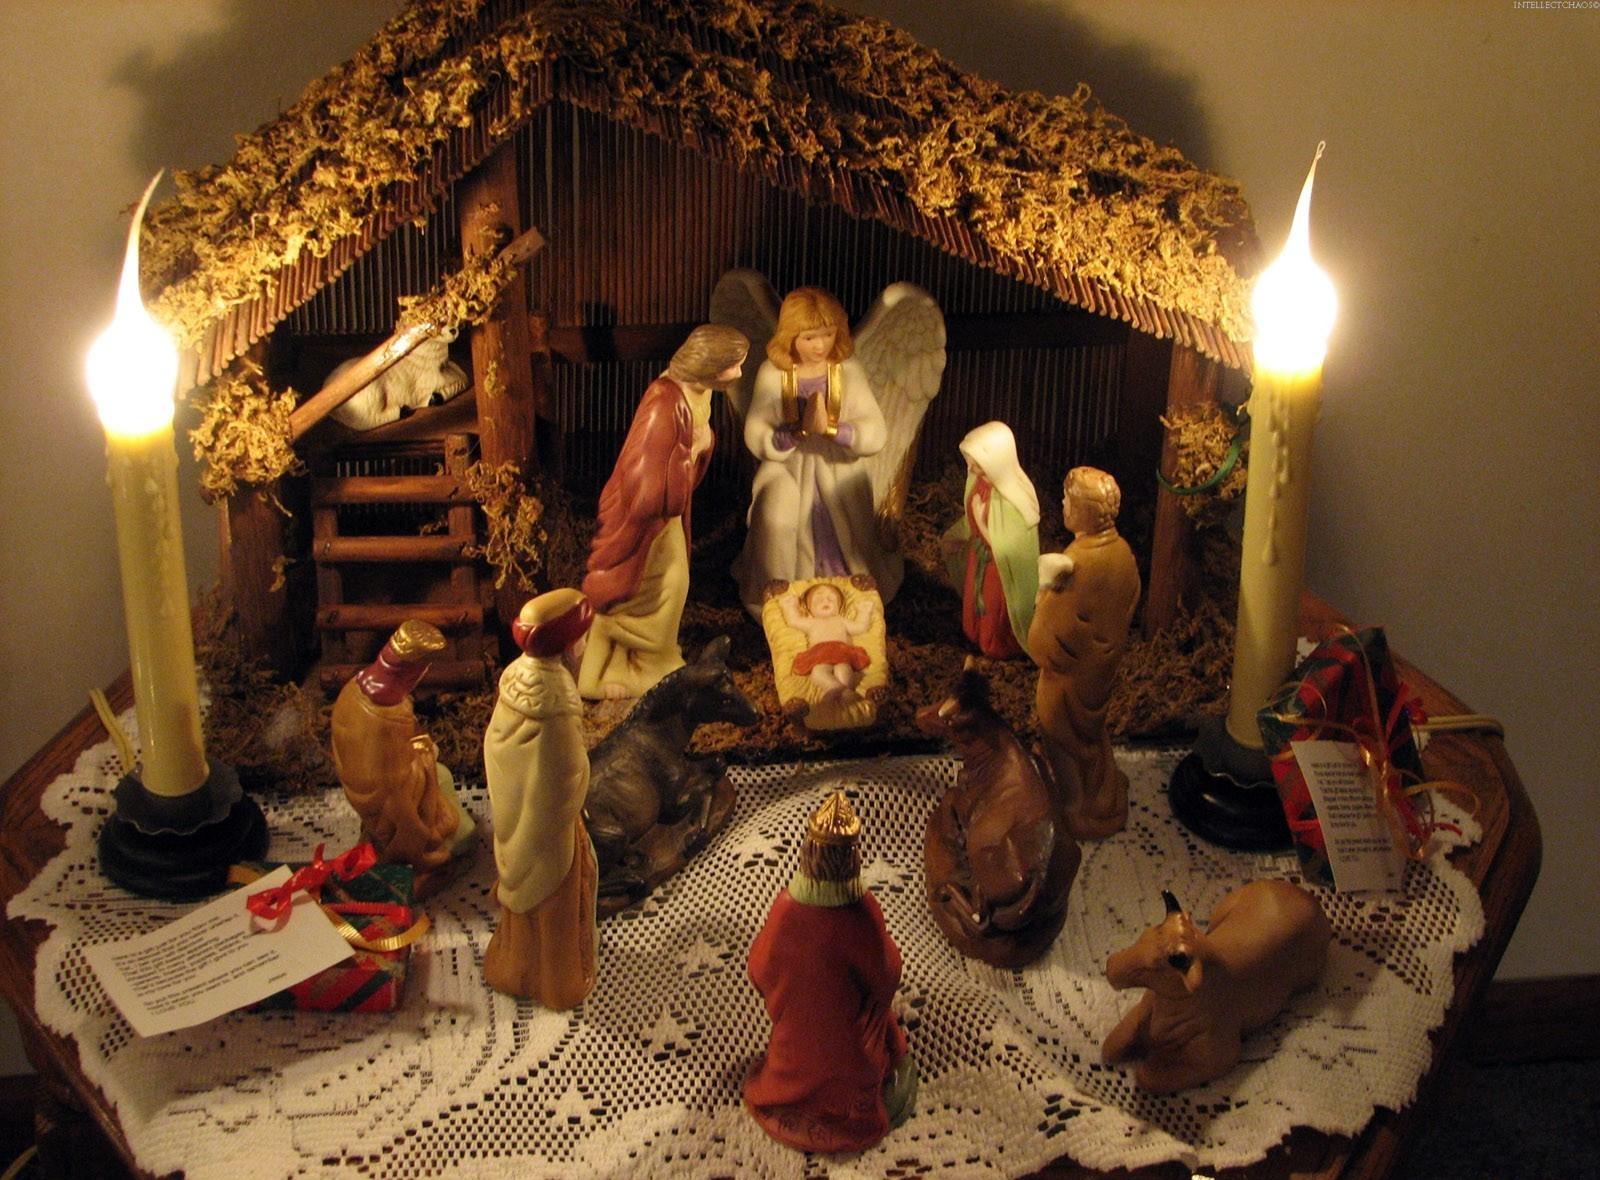 сайте собраны рождественский сочельник фото картинки буддийской философии